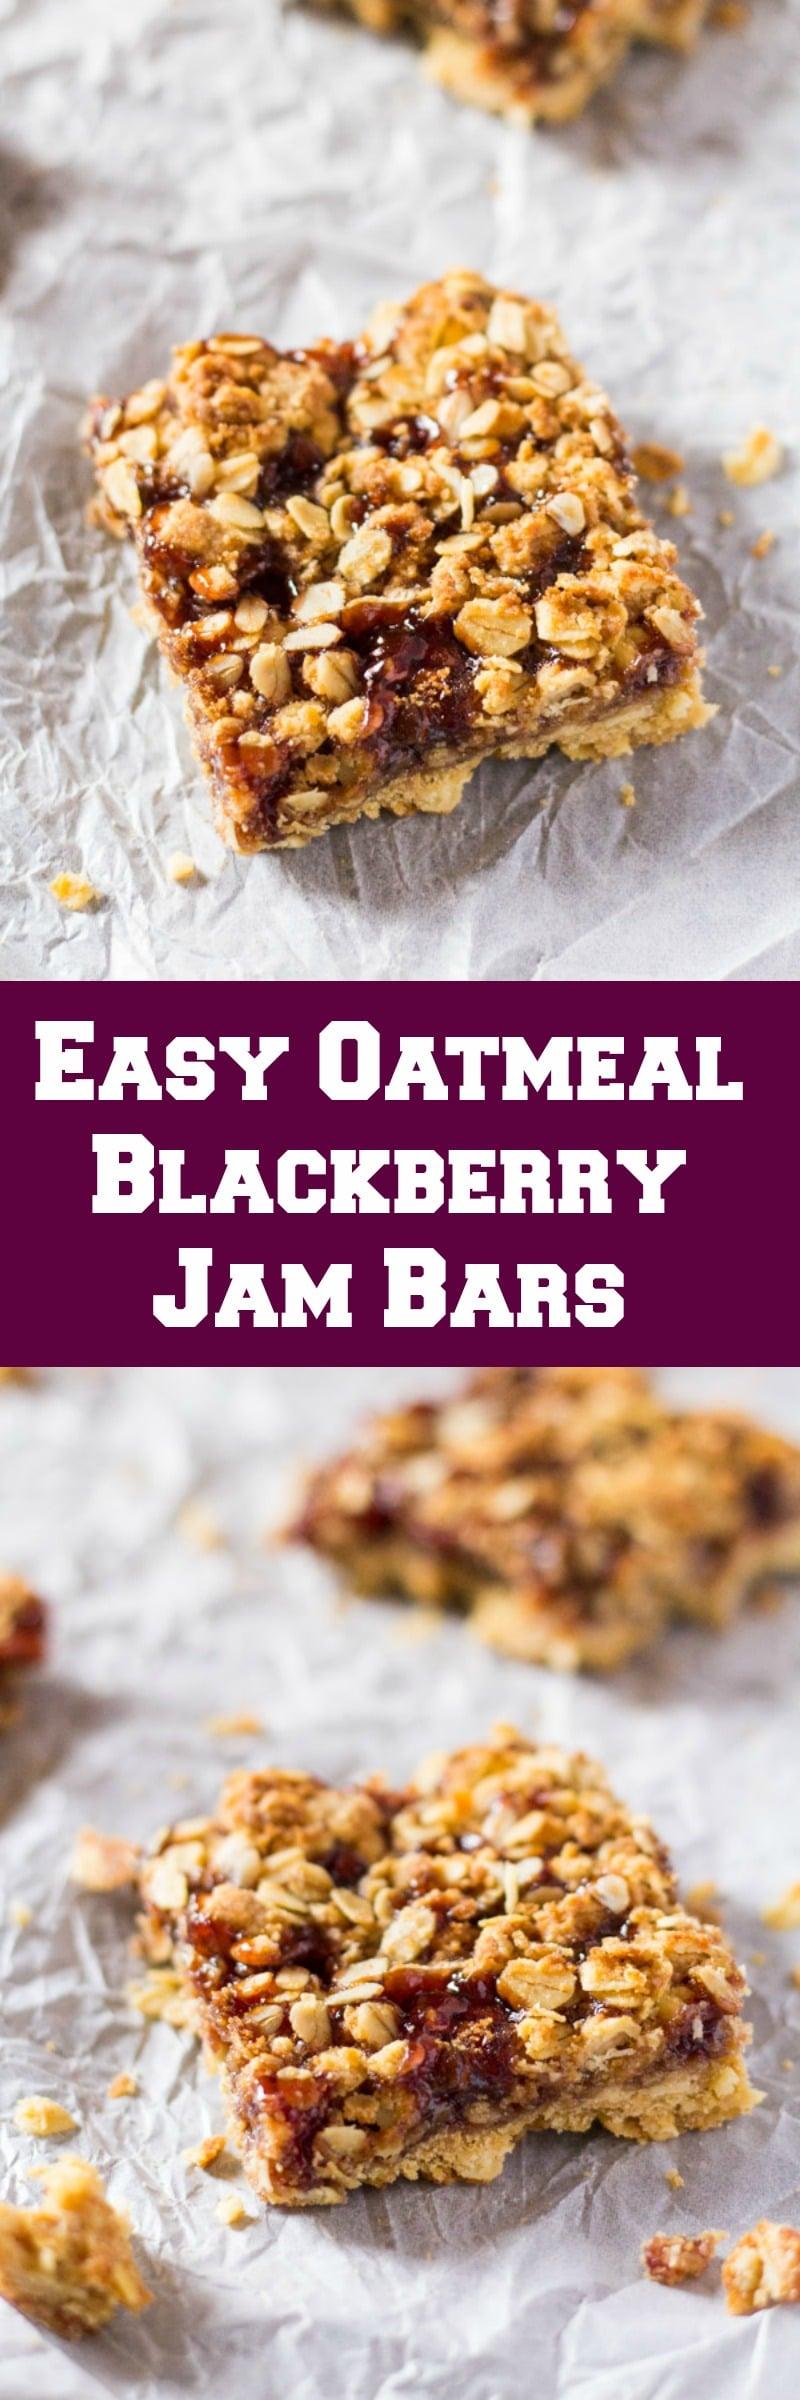 easy-oatmeal-blackberry-jam-bars-long-pin